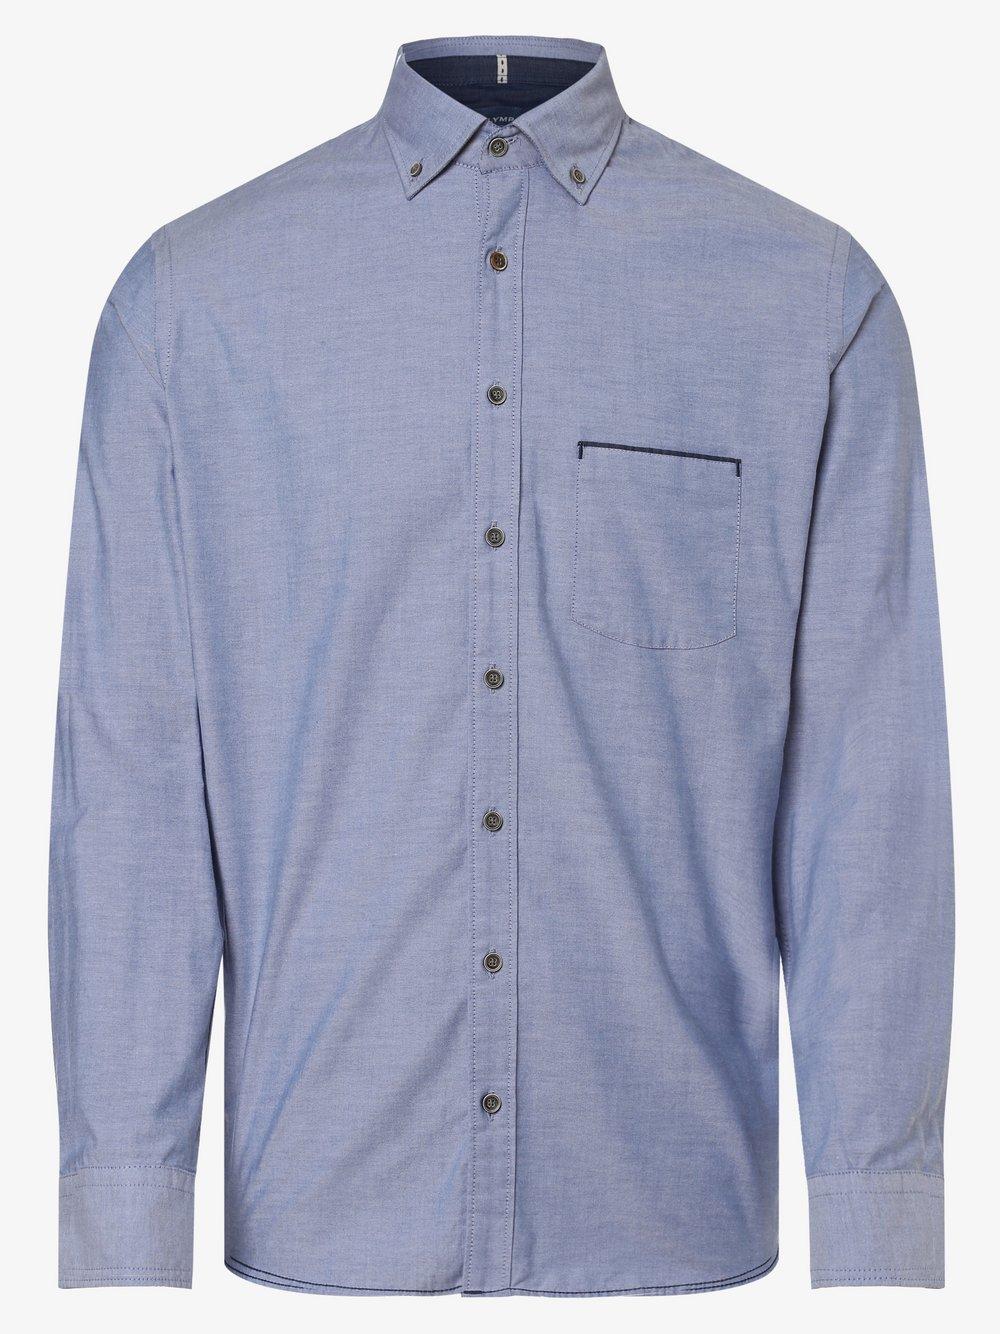 OLYMP Casual modern fit – Koszula męska, niebieski Van Graaf 441984-0001-09940